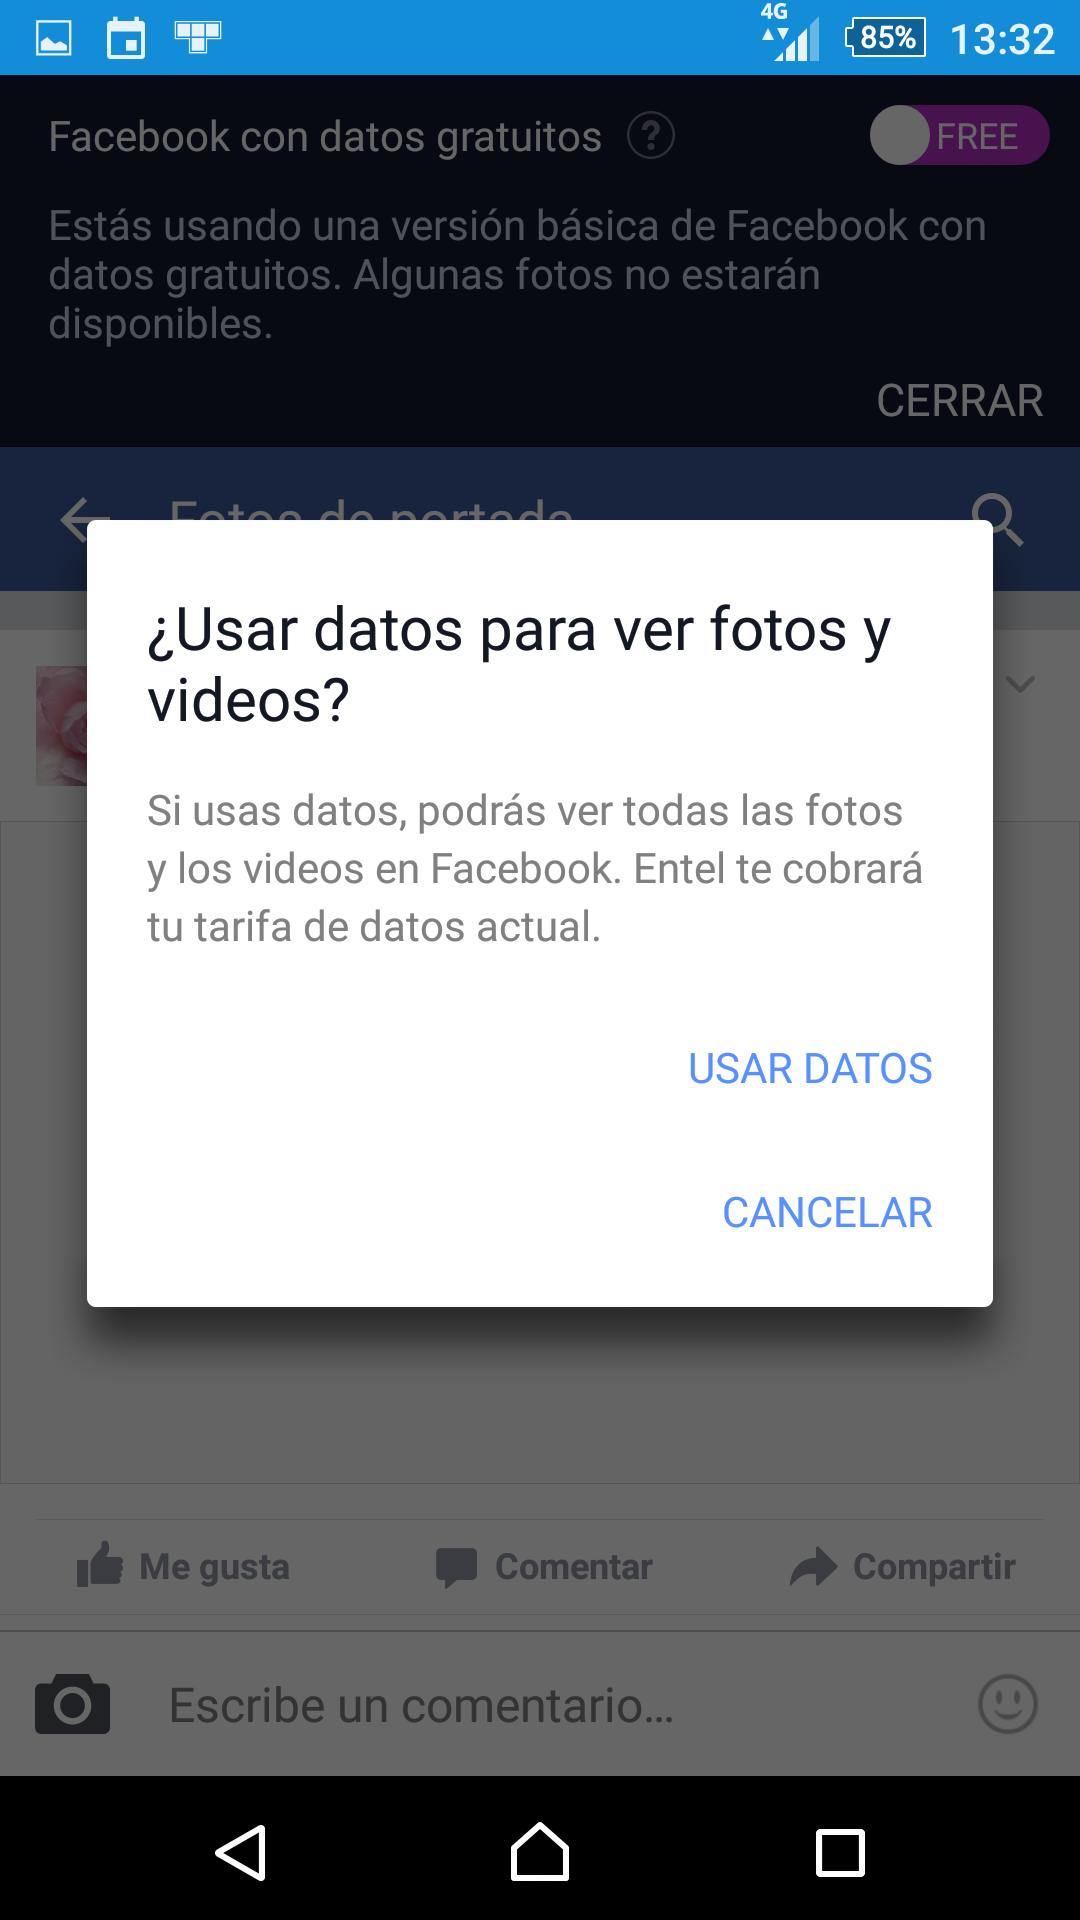 Advertencia antes de mostrar una foto en Facebook gratuito (se consumirán los datos de tu plan)